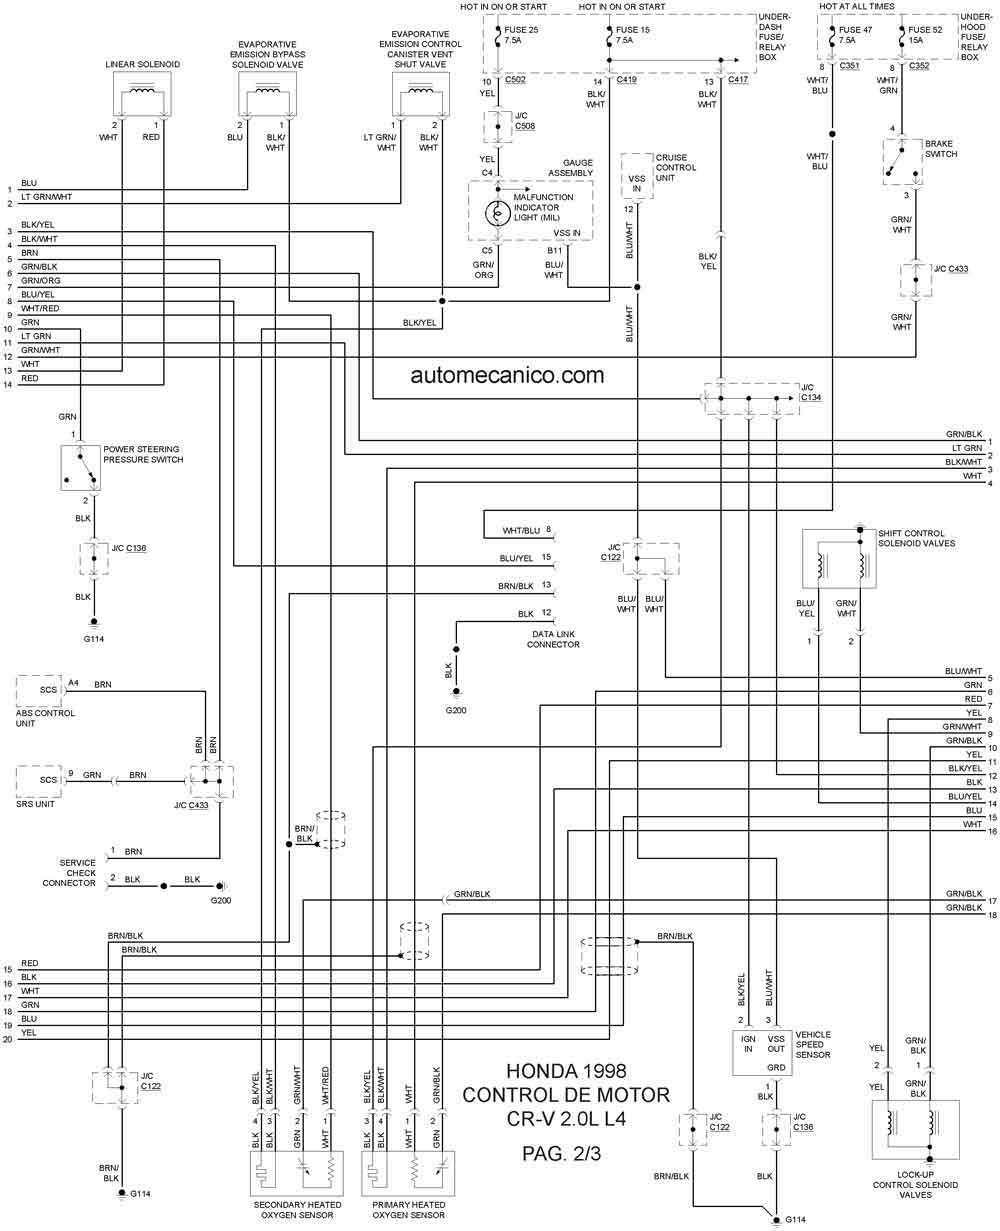 honda 1998 diagramas esquemas graphics vehiculos motores rh autoelectronico com esquema electrico honda crv 2002 diagrama electrico honda crv 2009